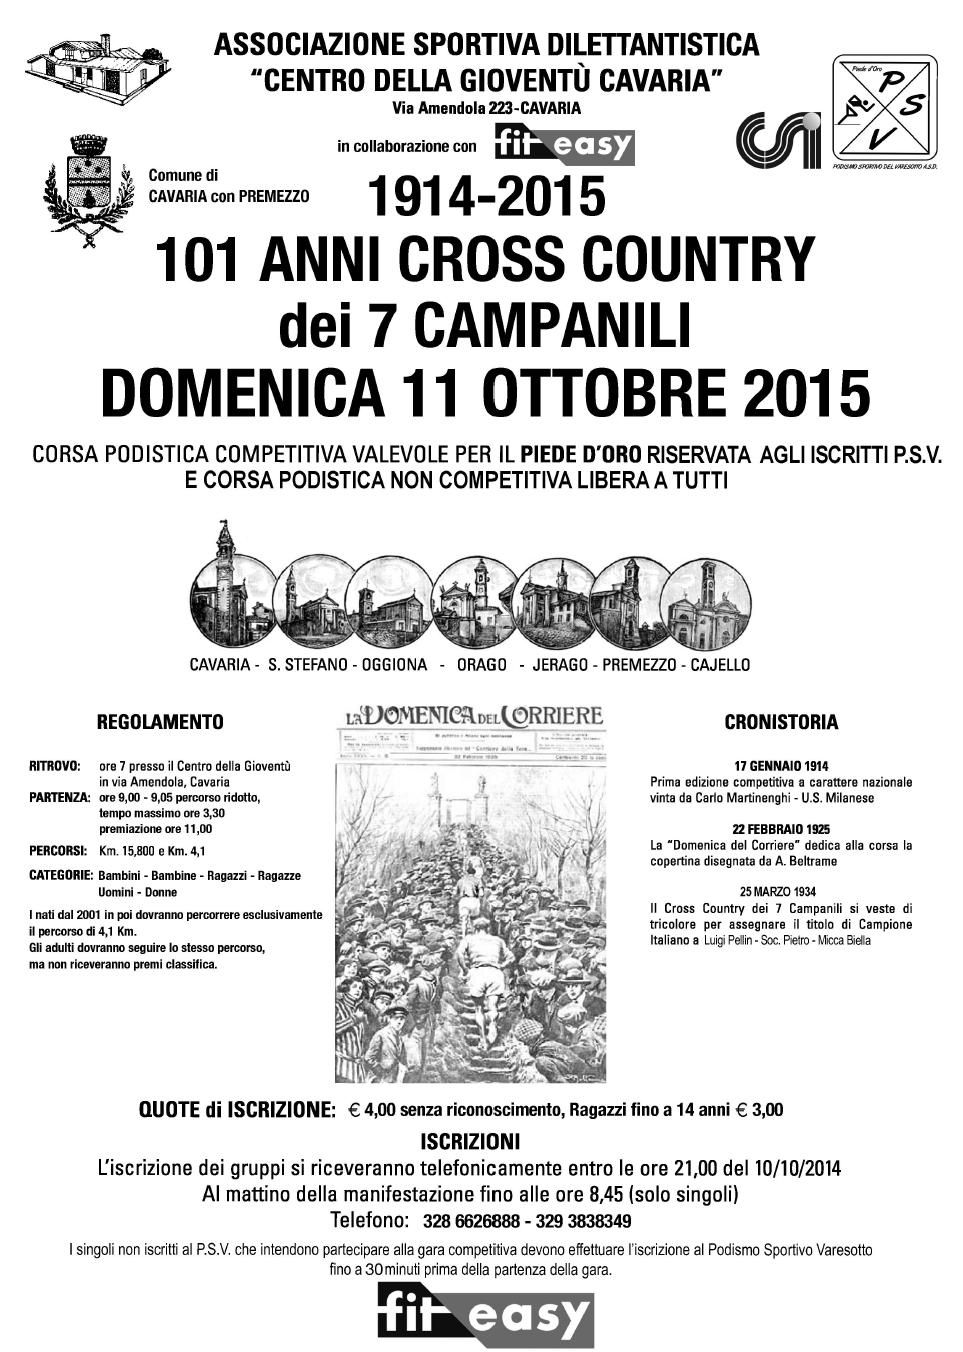 101 Anni cross country dei 7 campanili